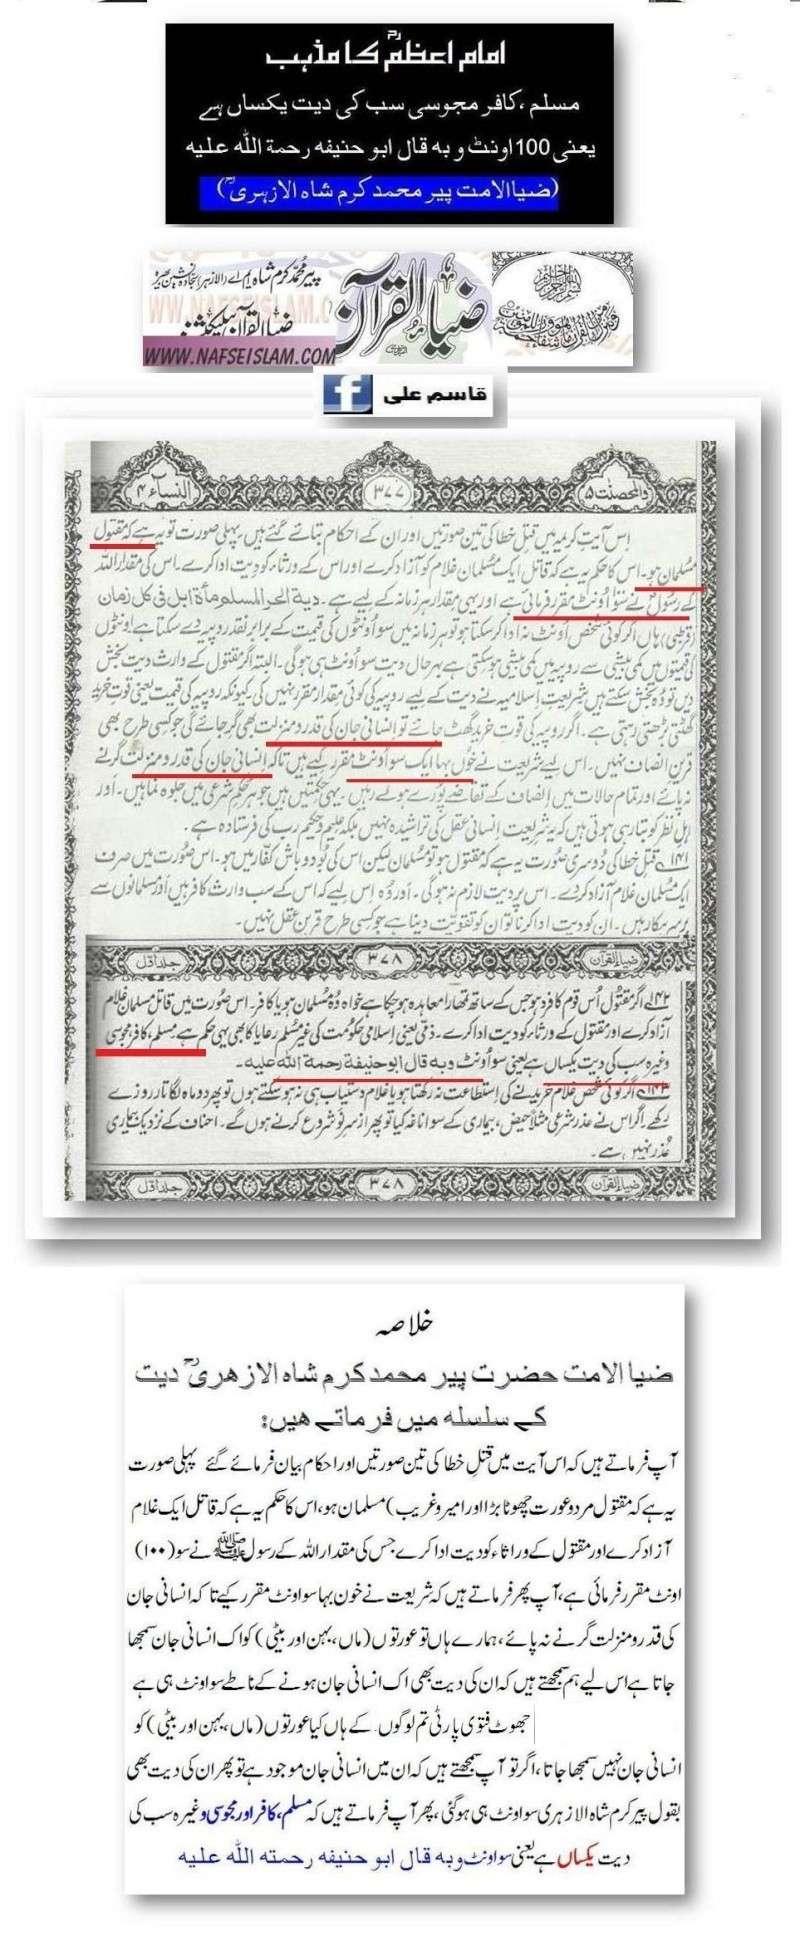 دیت کی جعلی فتوی فیکٹری پر منہاج القرآن کی فتح کا جھنڈا - Page 2 9d10